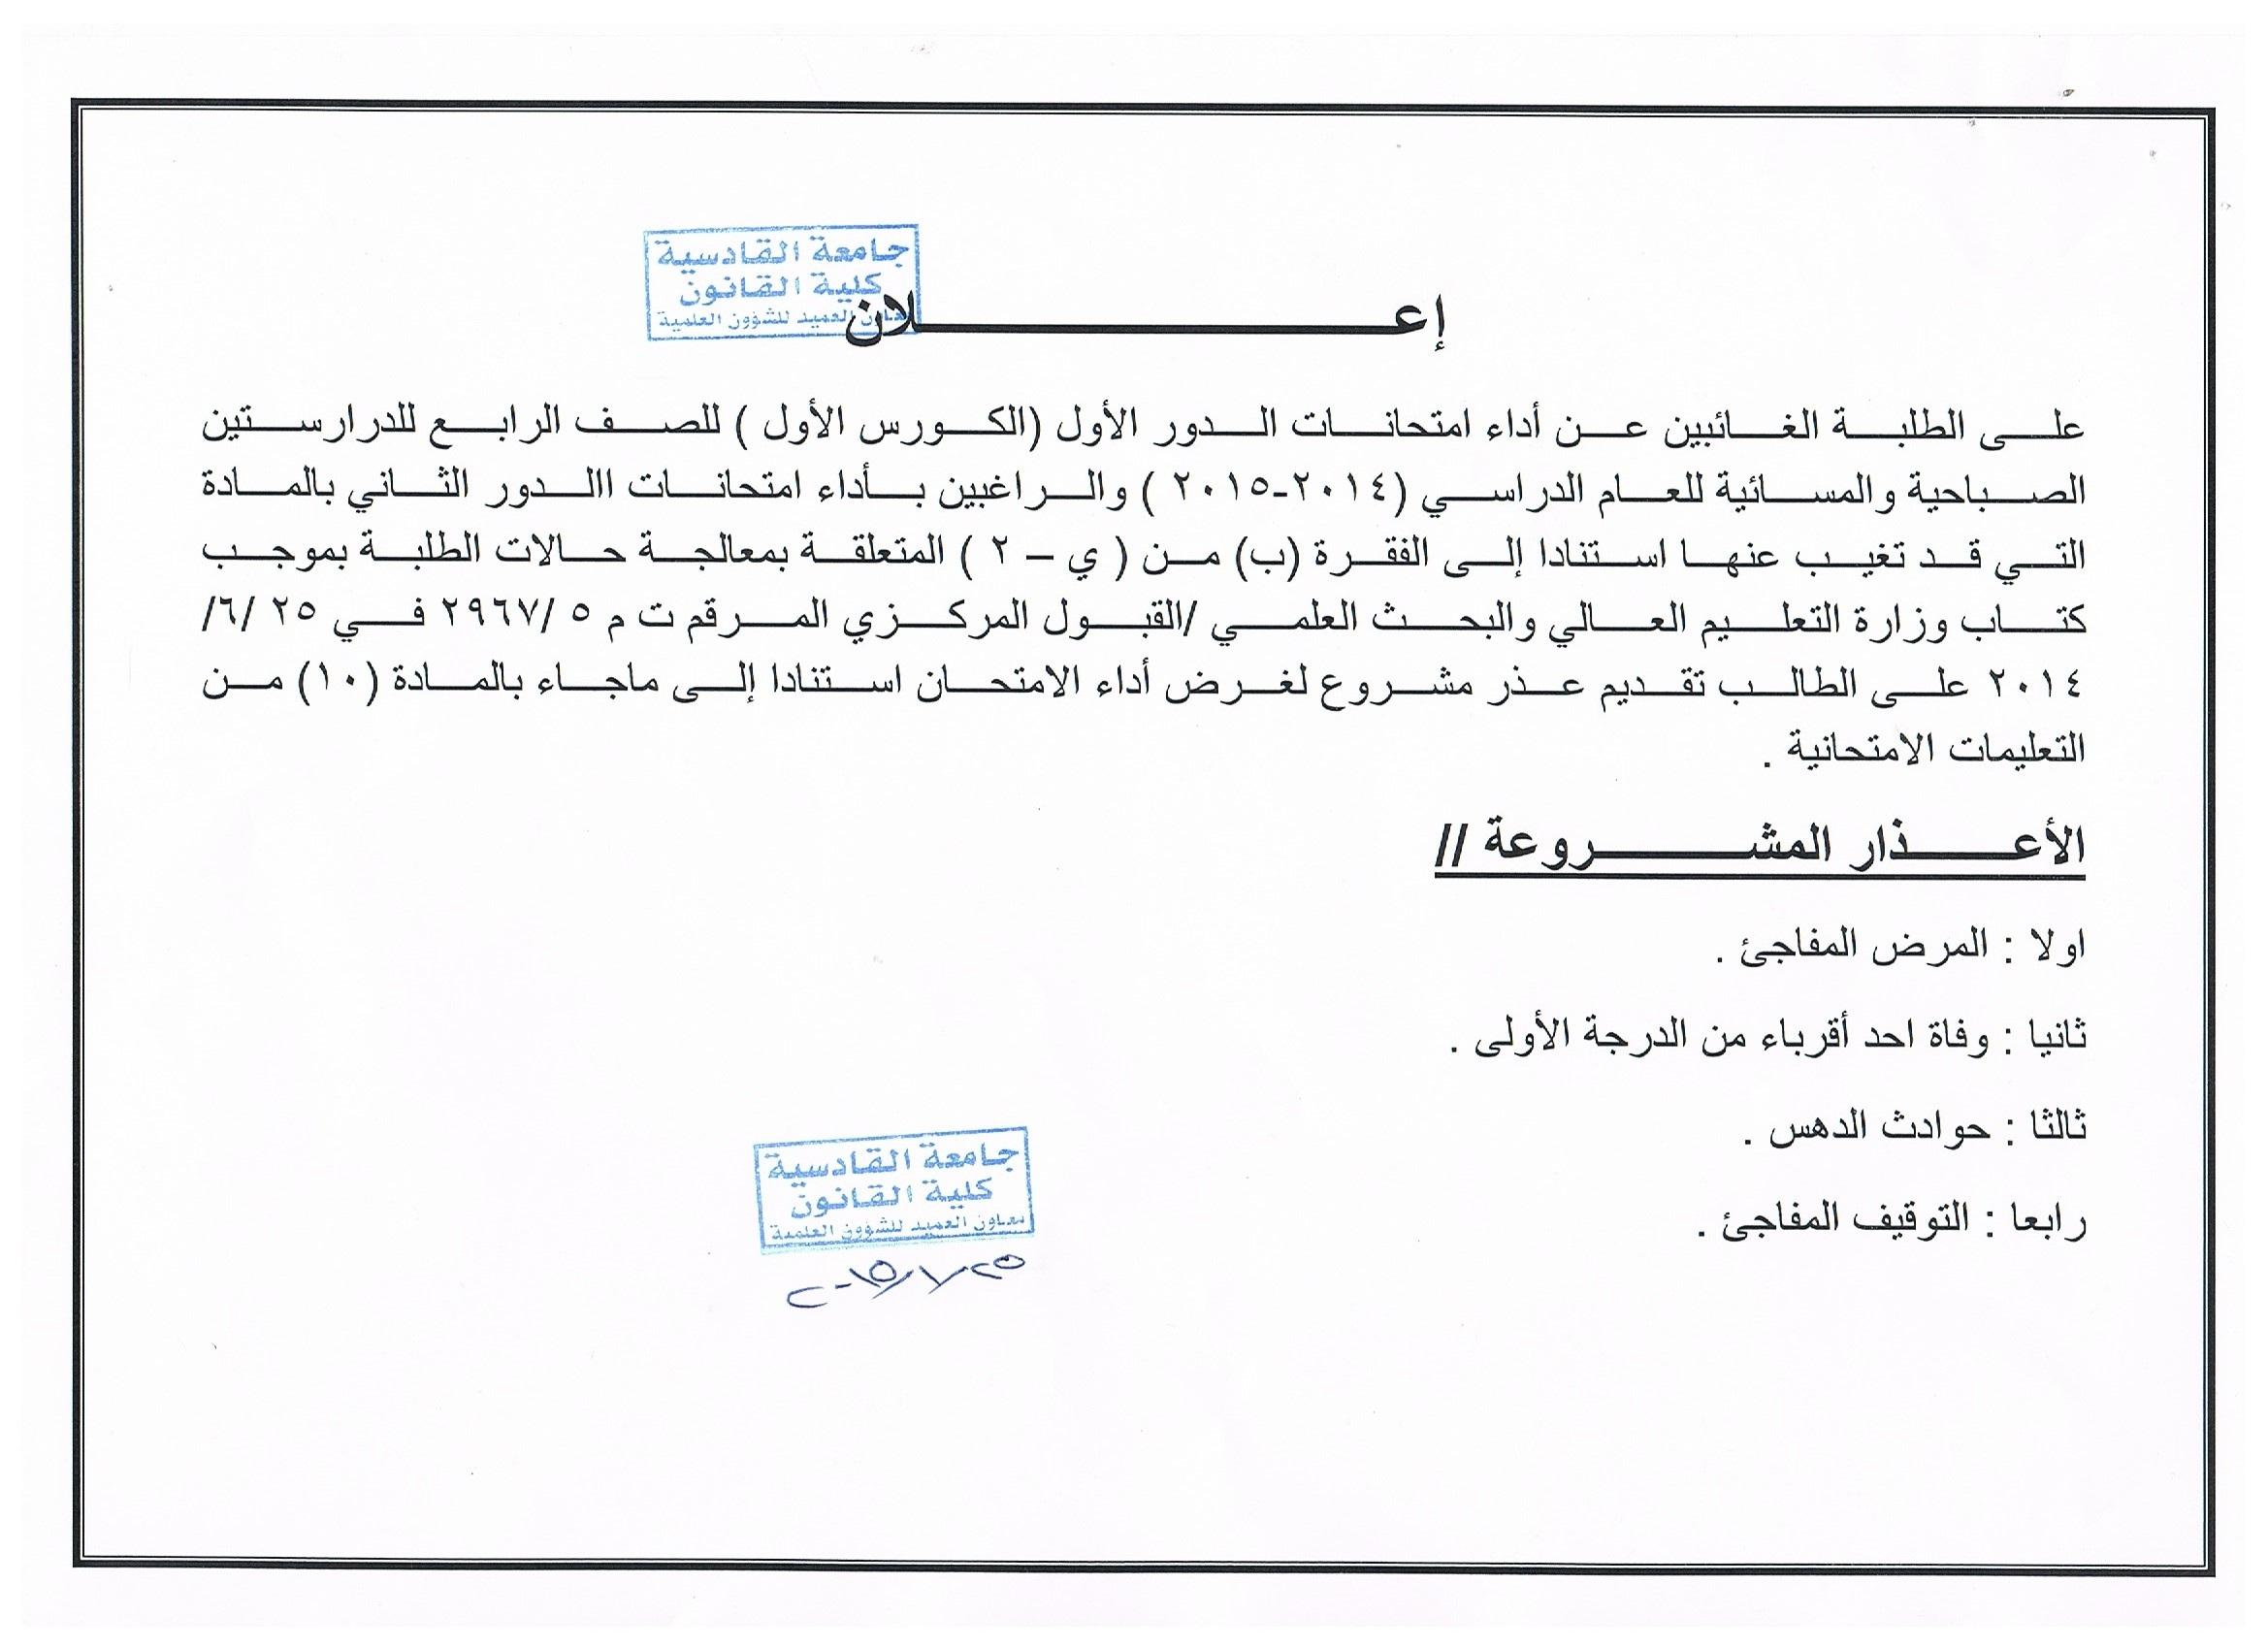 اعلان الى الطلبة الغائبين عن أداء امتحانات الدور الأول (الكورس الأول)